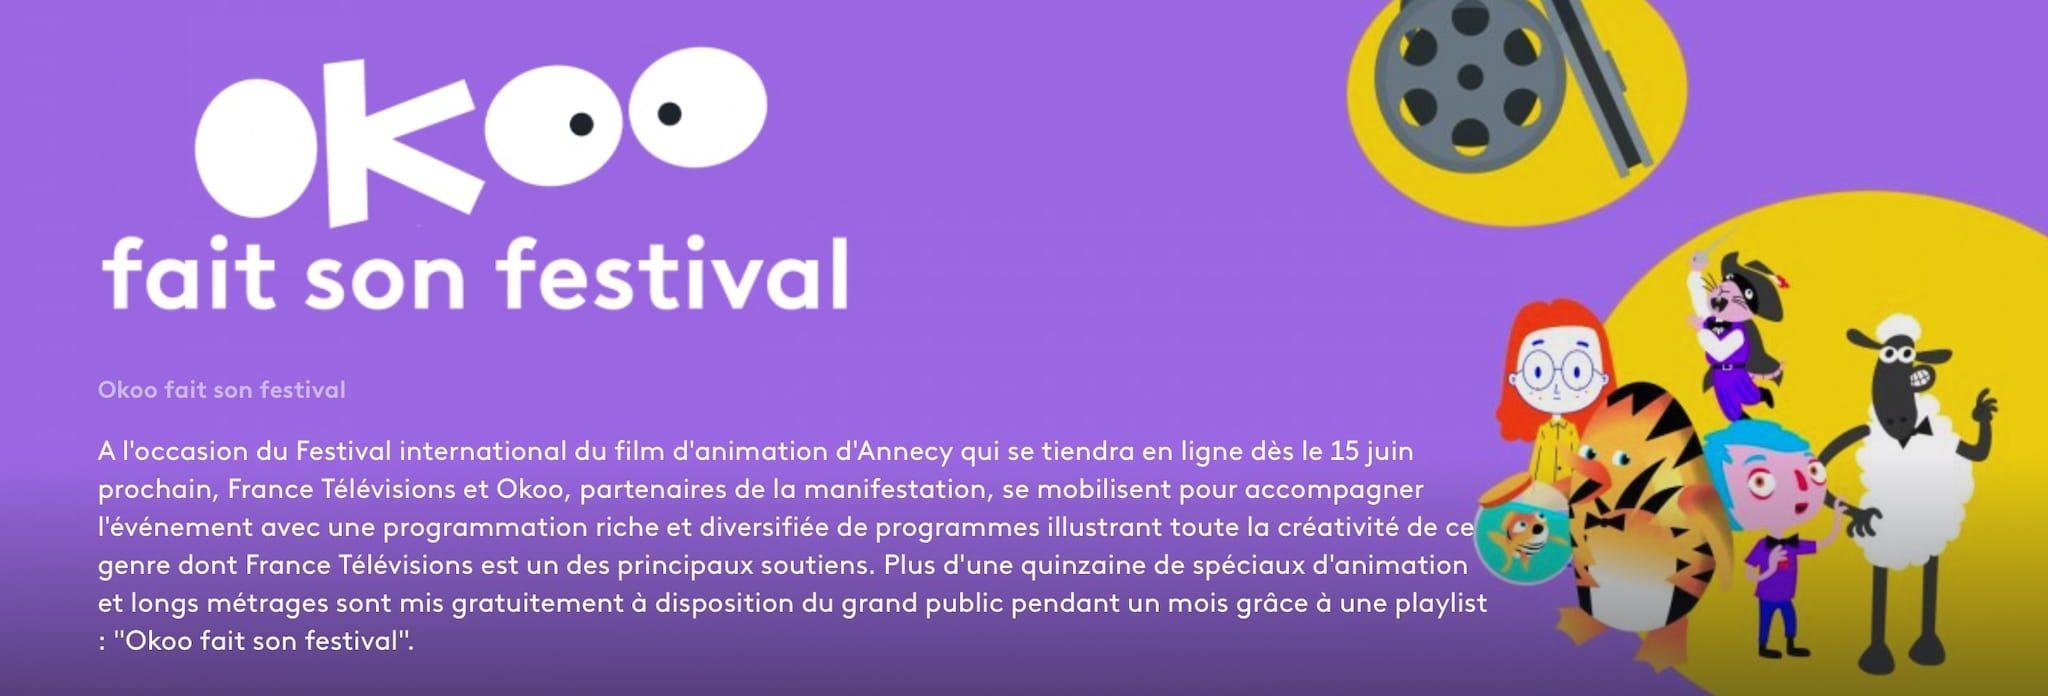 Capture d'écran Okoo fait son festival animation